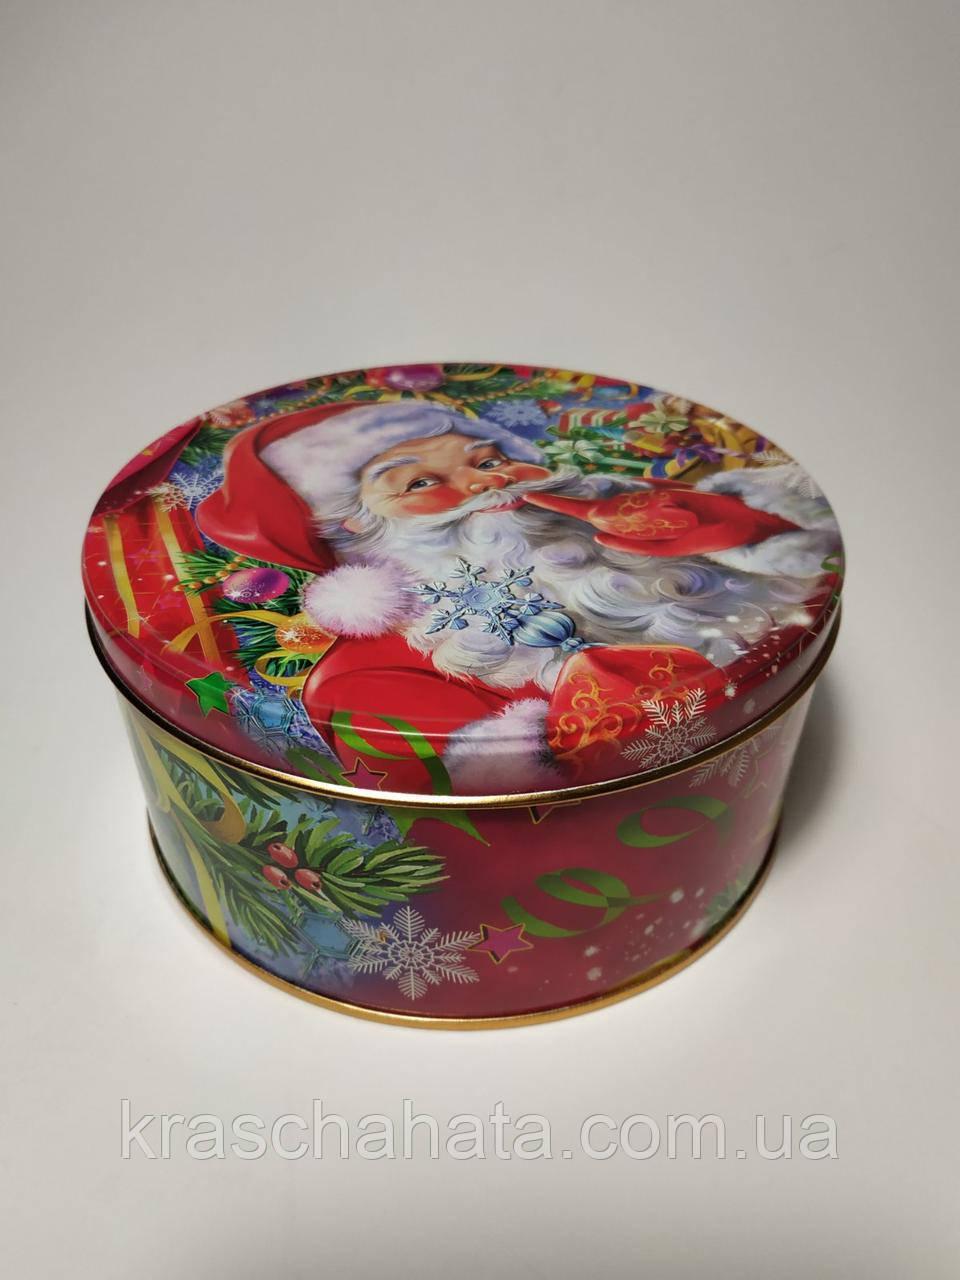 Новогодняя коробка с крышкой из жести, D14,8х7 см, Морозко, Новогодняя упаковка, Днепр